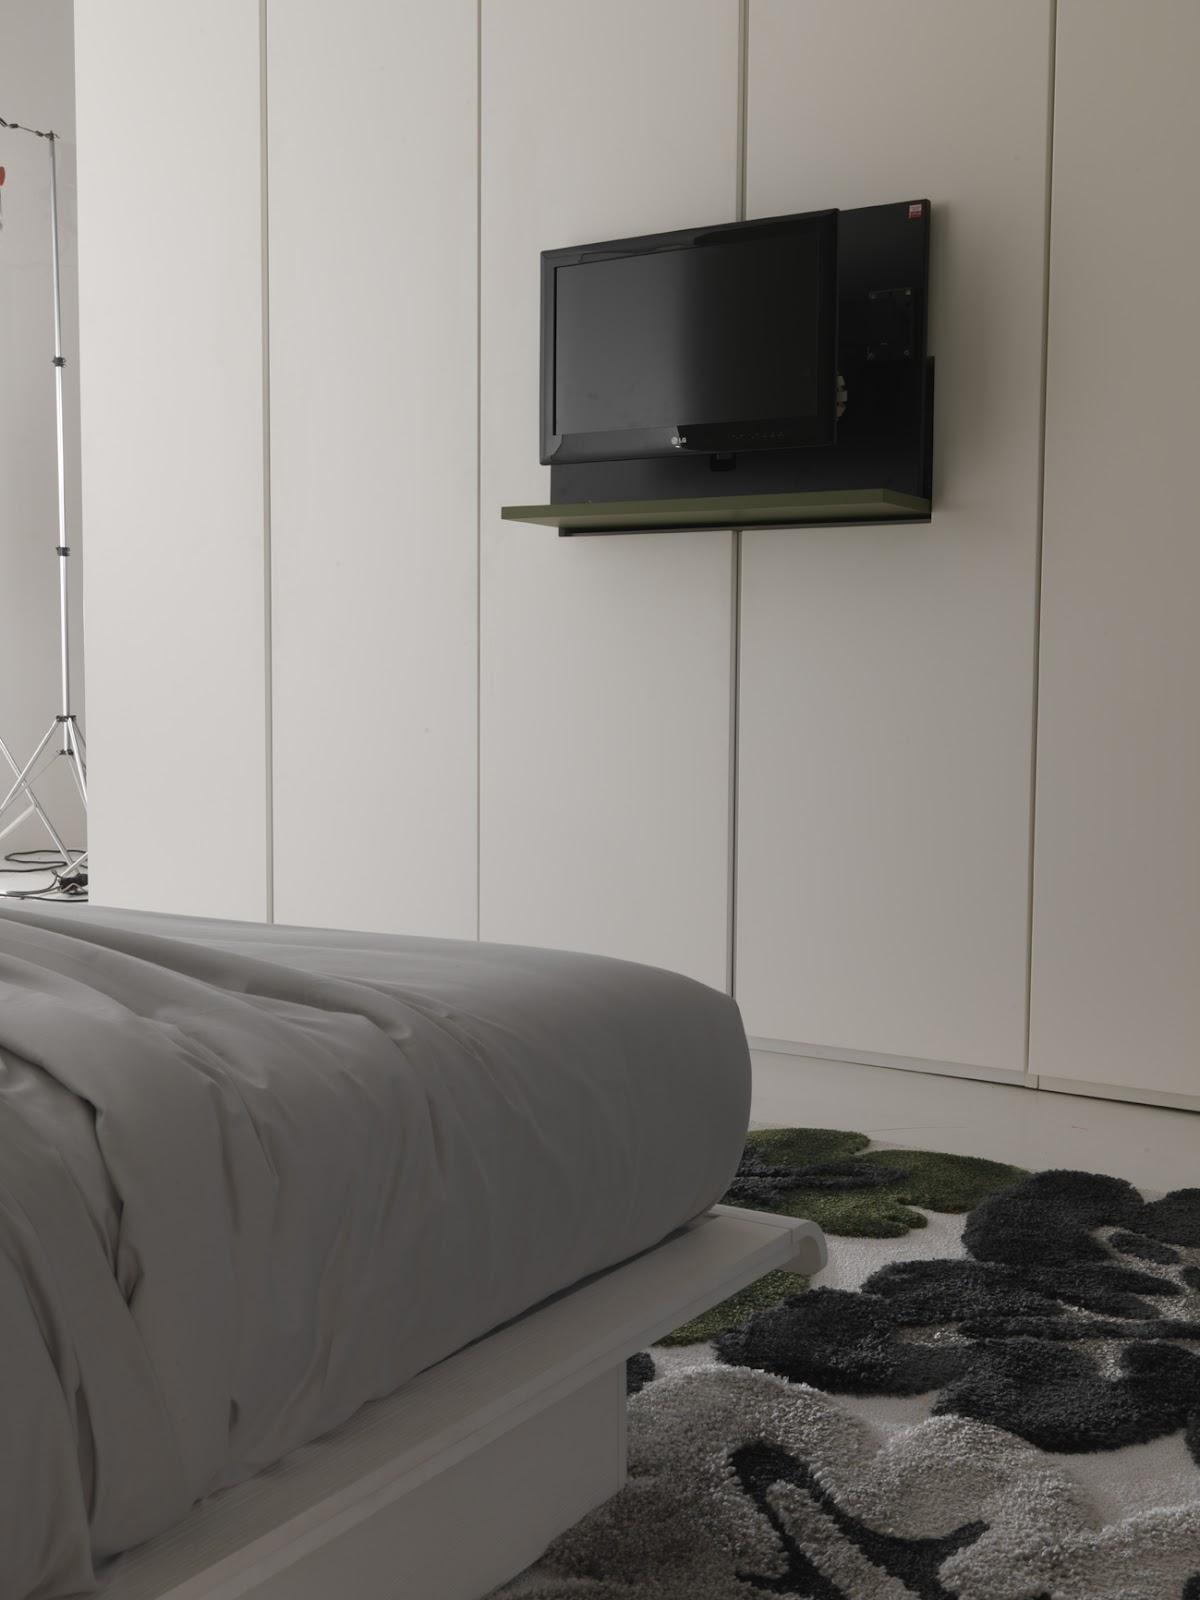 Scarpiere Mondo Convenienza: Armadi A Ponte Ikea Tutte Le Offerte  #6C665F 1200 1600 Mobili Cucina Componibili